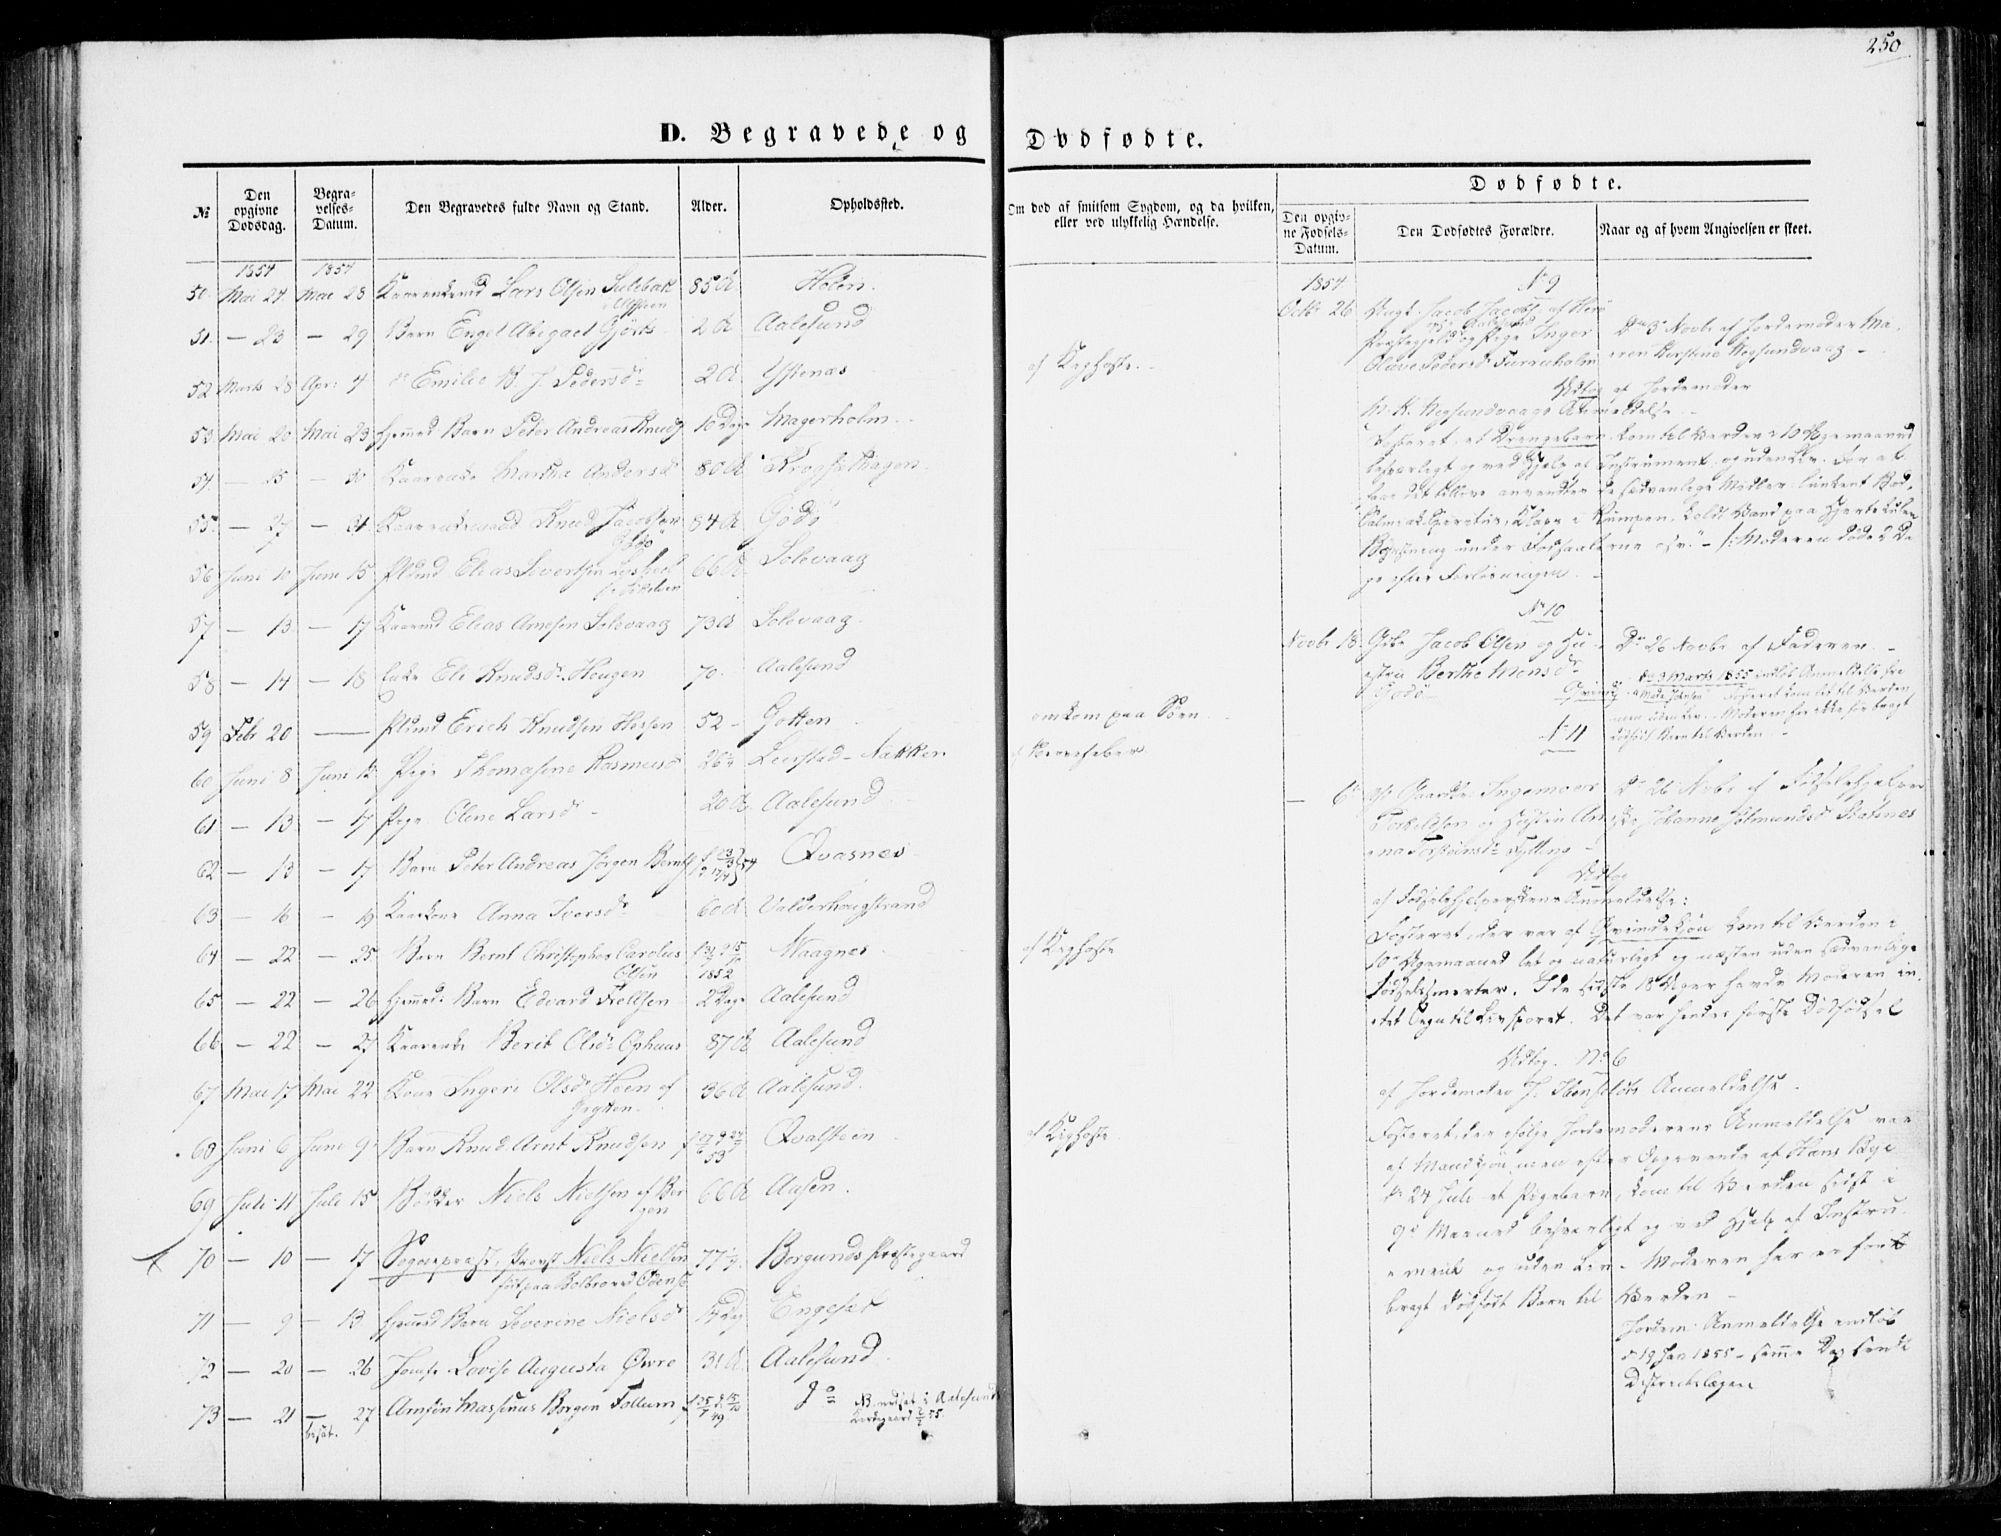 SAT, Ministerialprotokoller, klokkerbøker og fødselsregistre - Møre og Romsdal, 528/L0397: Ministerialbok nr. 528A08, 1848-1858, s. 250